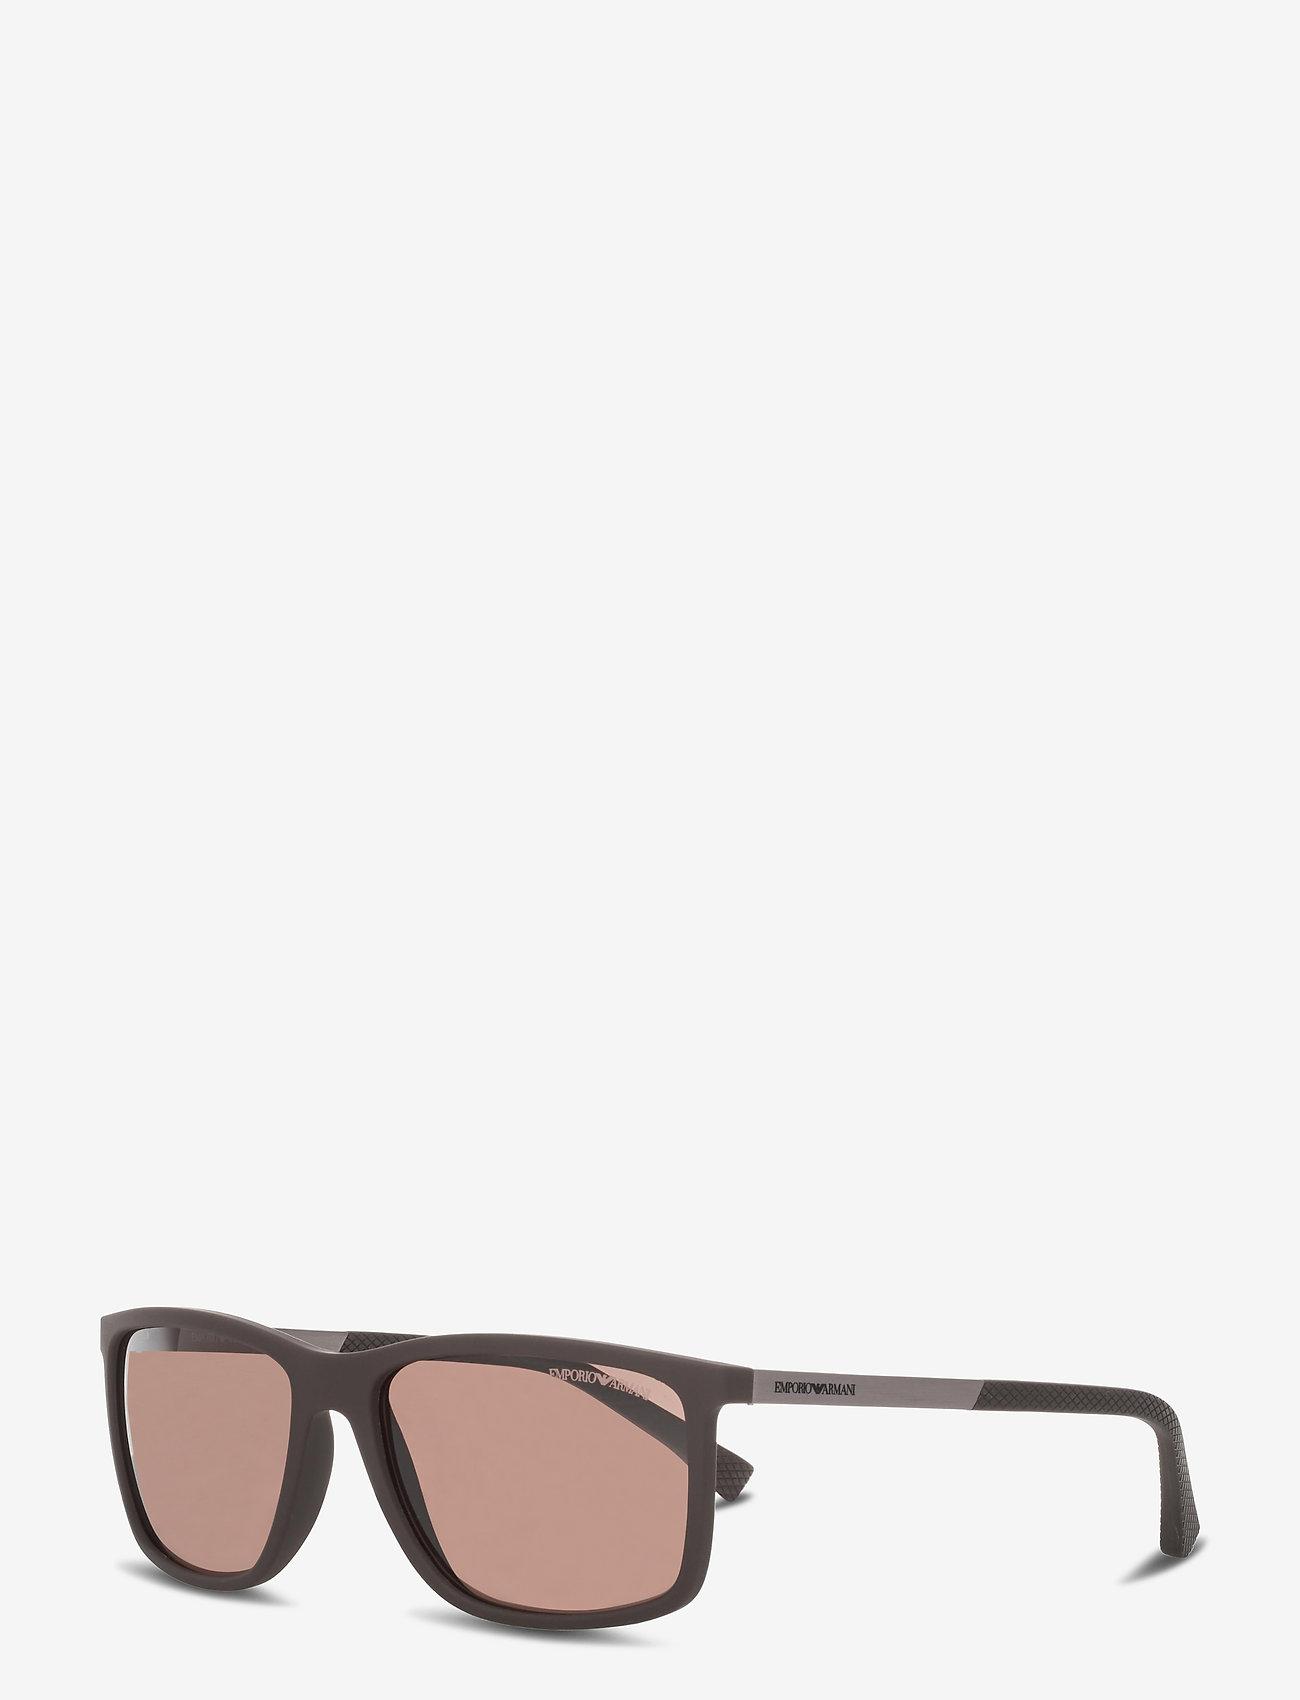 Emporio Armani Sunglasses - 0EA4058 - d-shaped - brown - 1